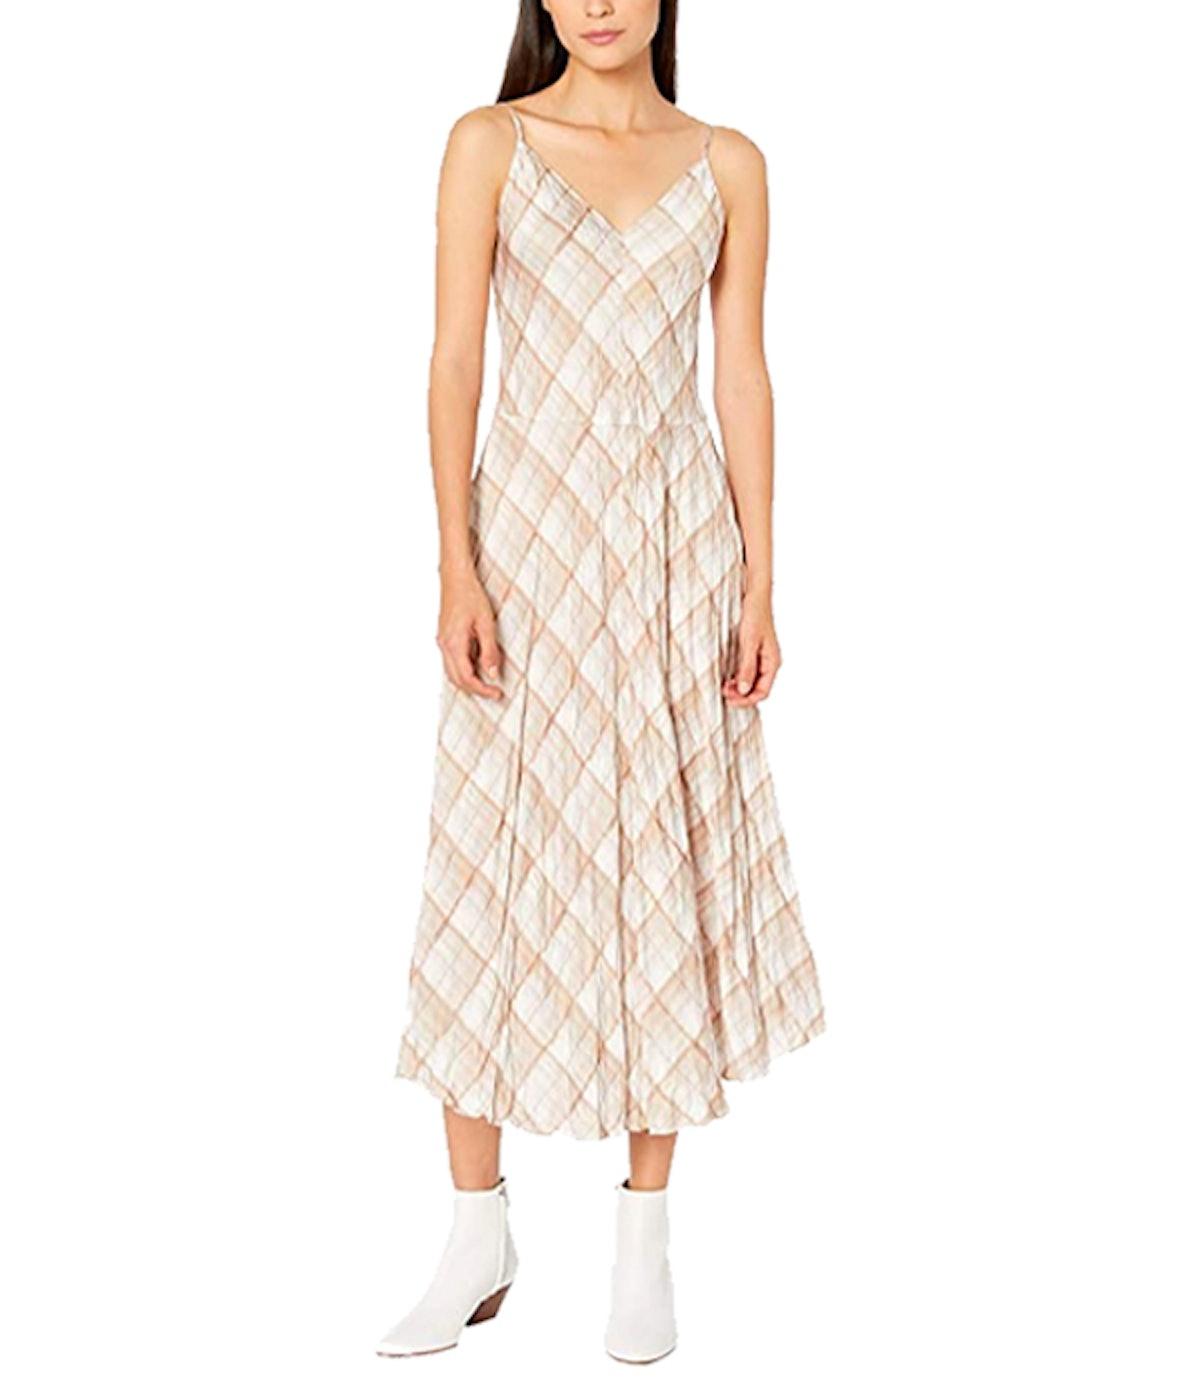 Hazy Plaid Cami Dress